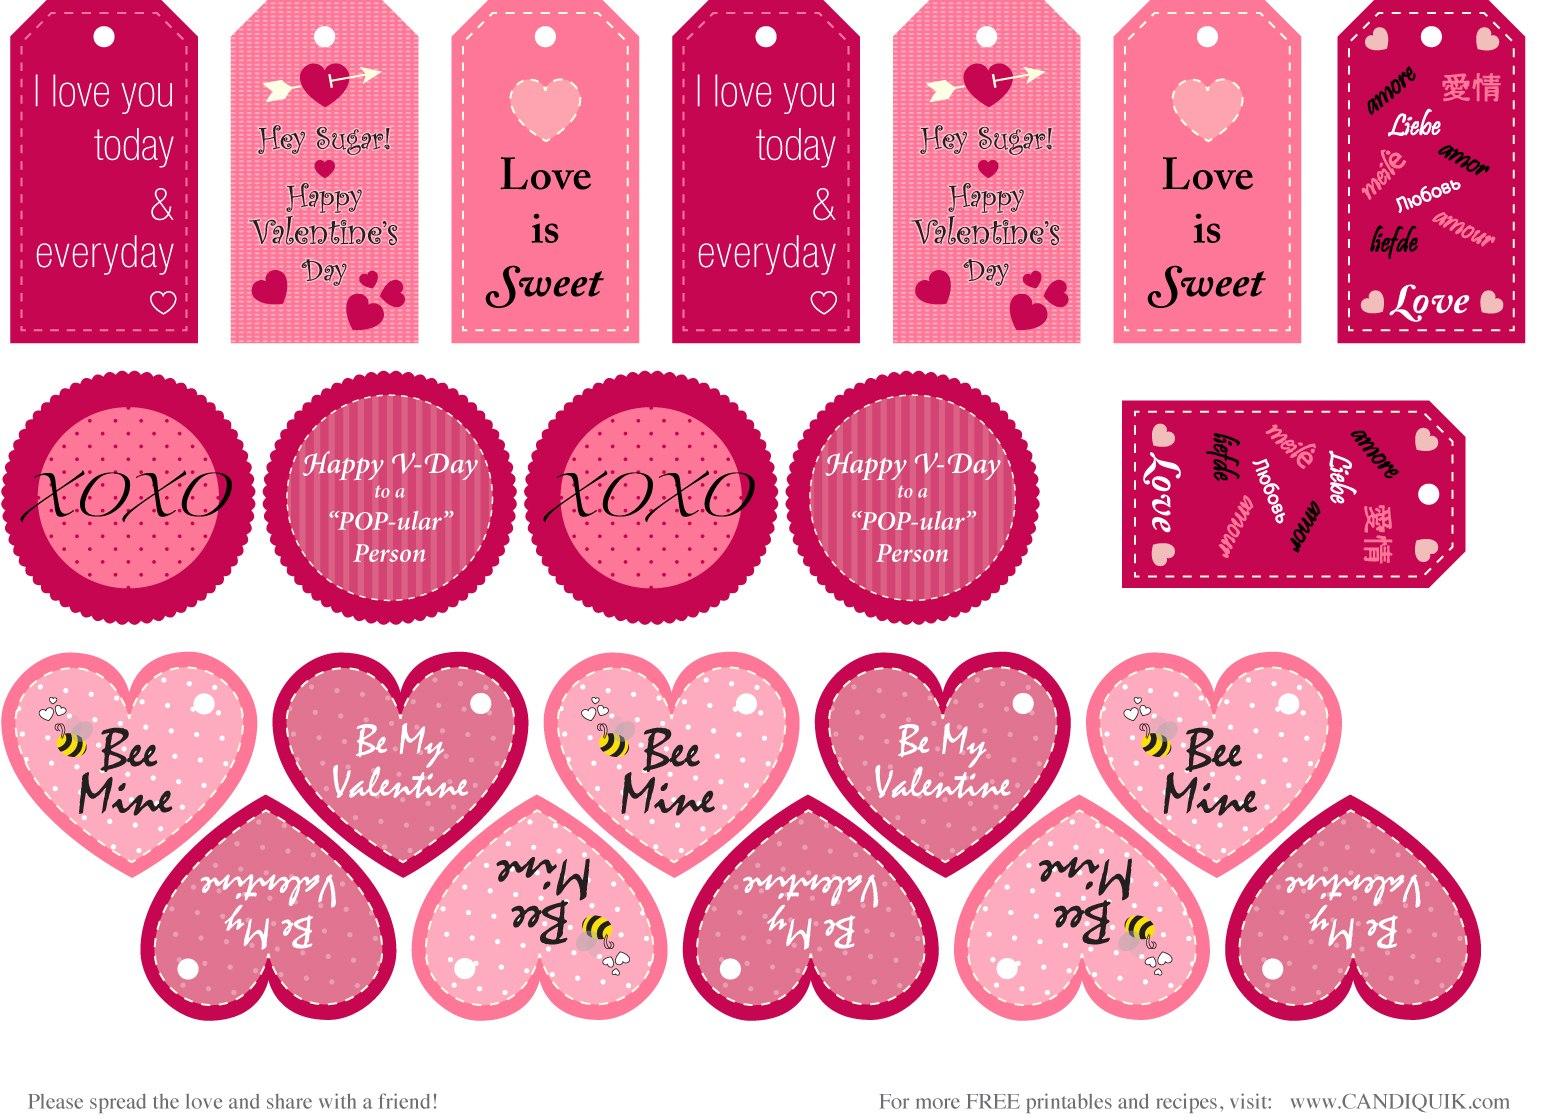 Best Free Valentine Printables  Valentine's Day Fun  A In Free Printable Valentine Templates